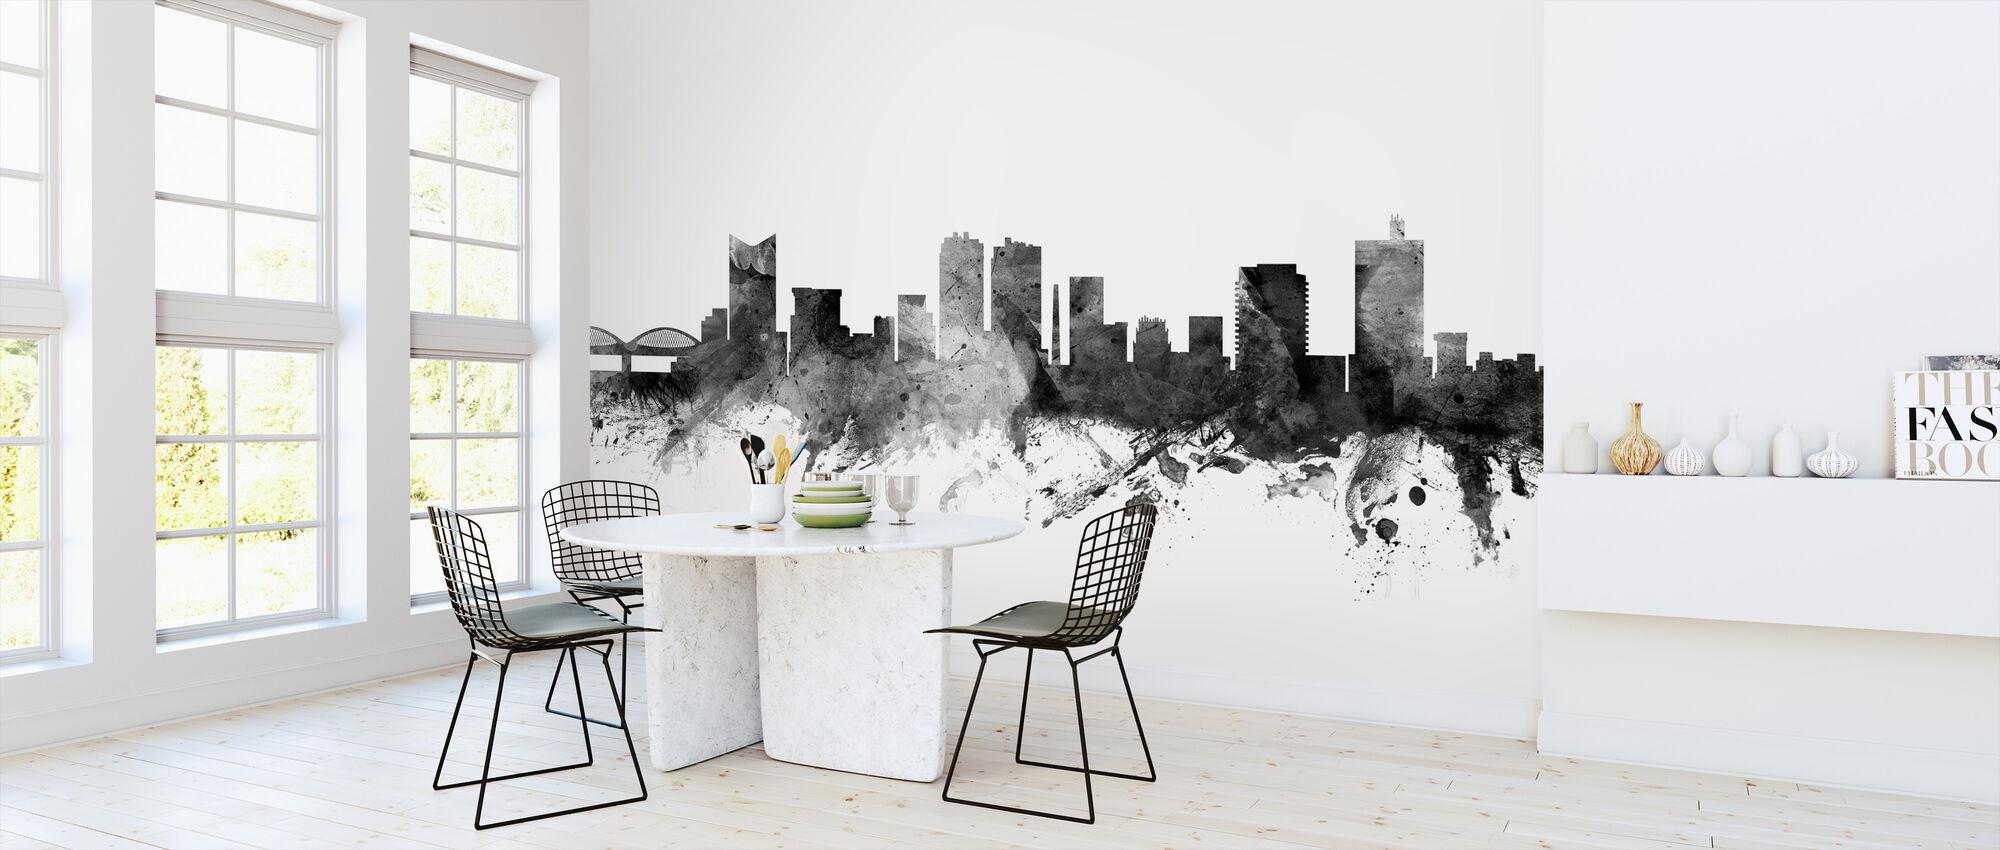 Fort Worth Texas Skyline Black - Wallpaper - Kitchen